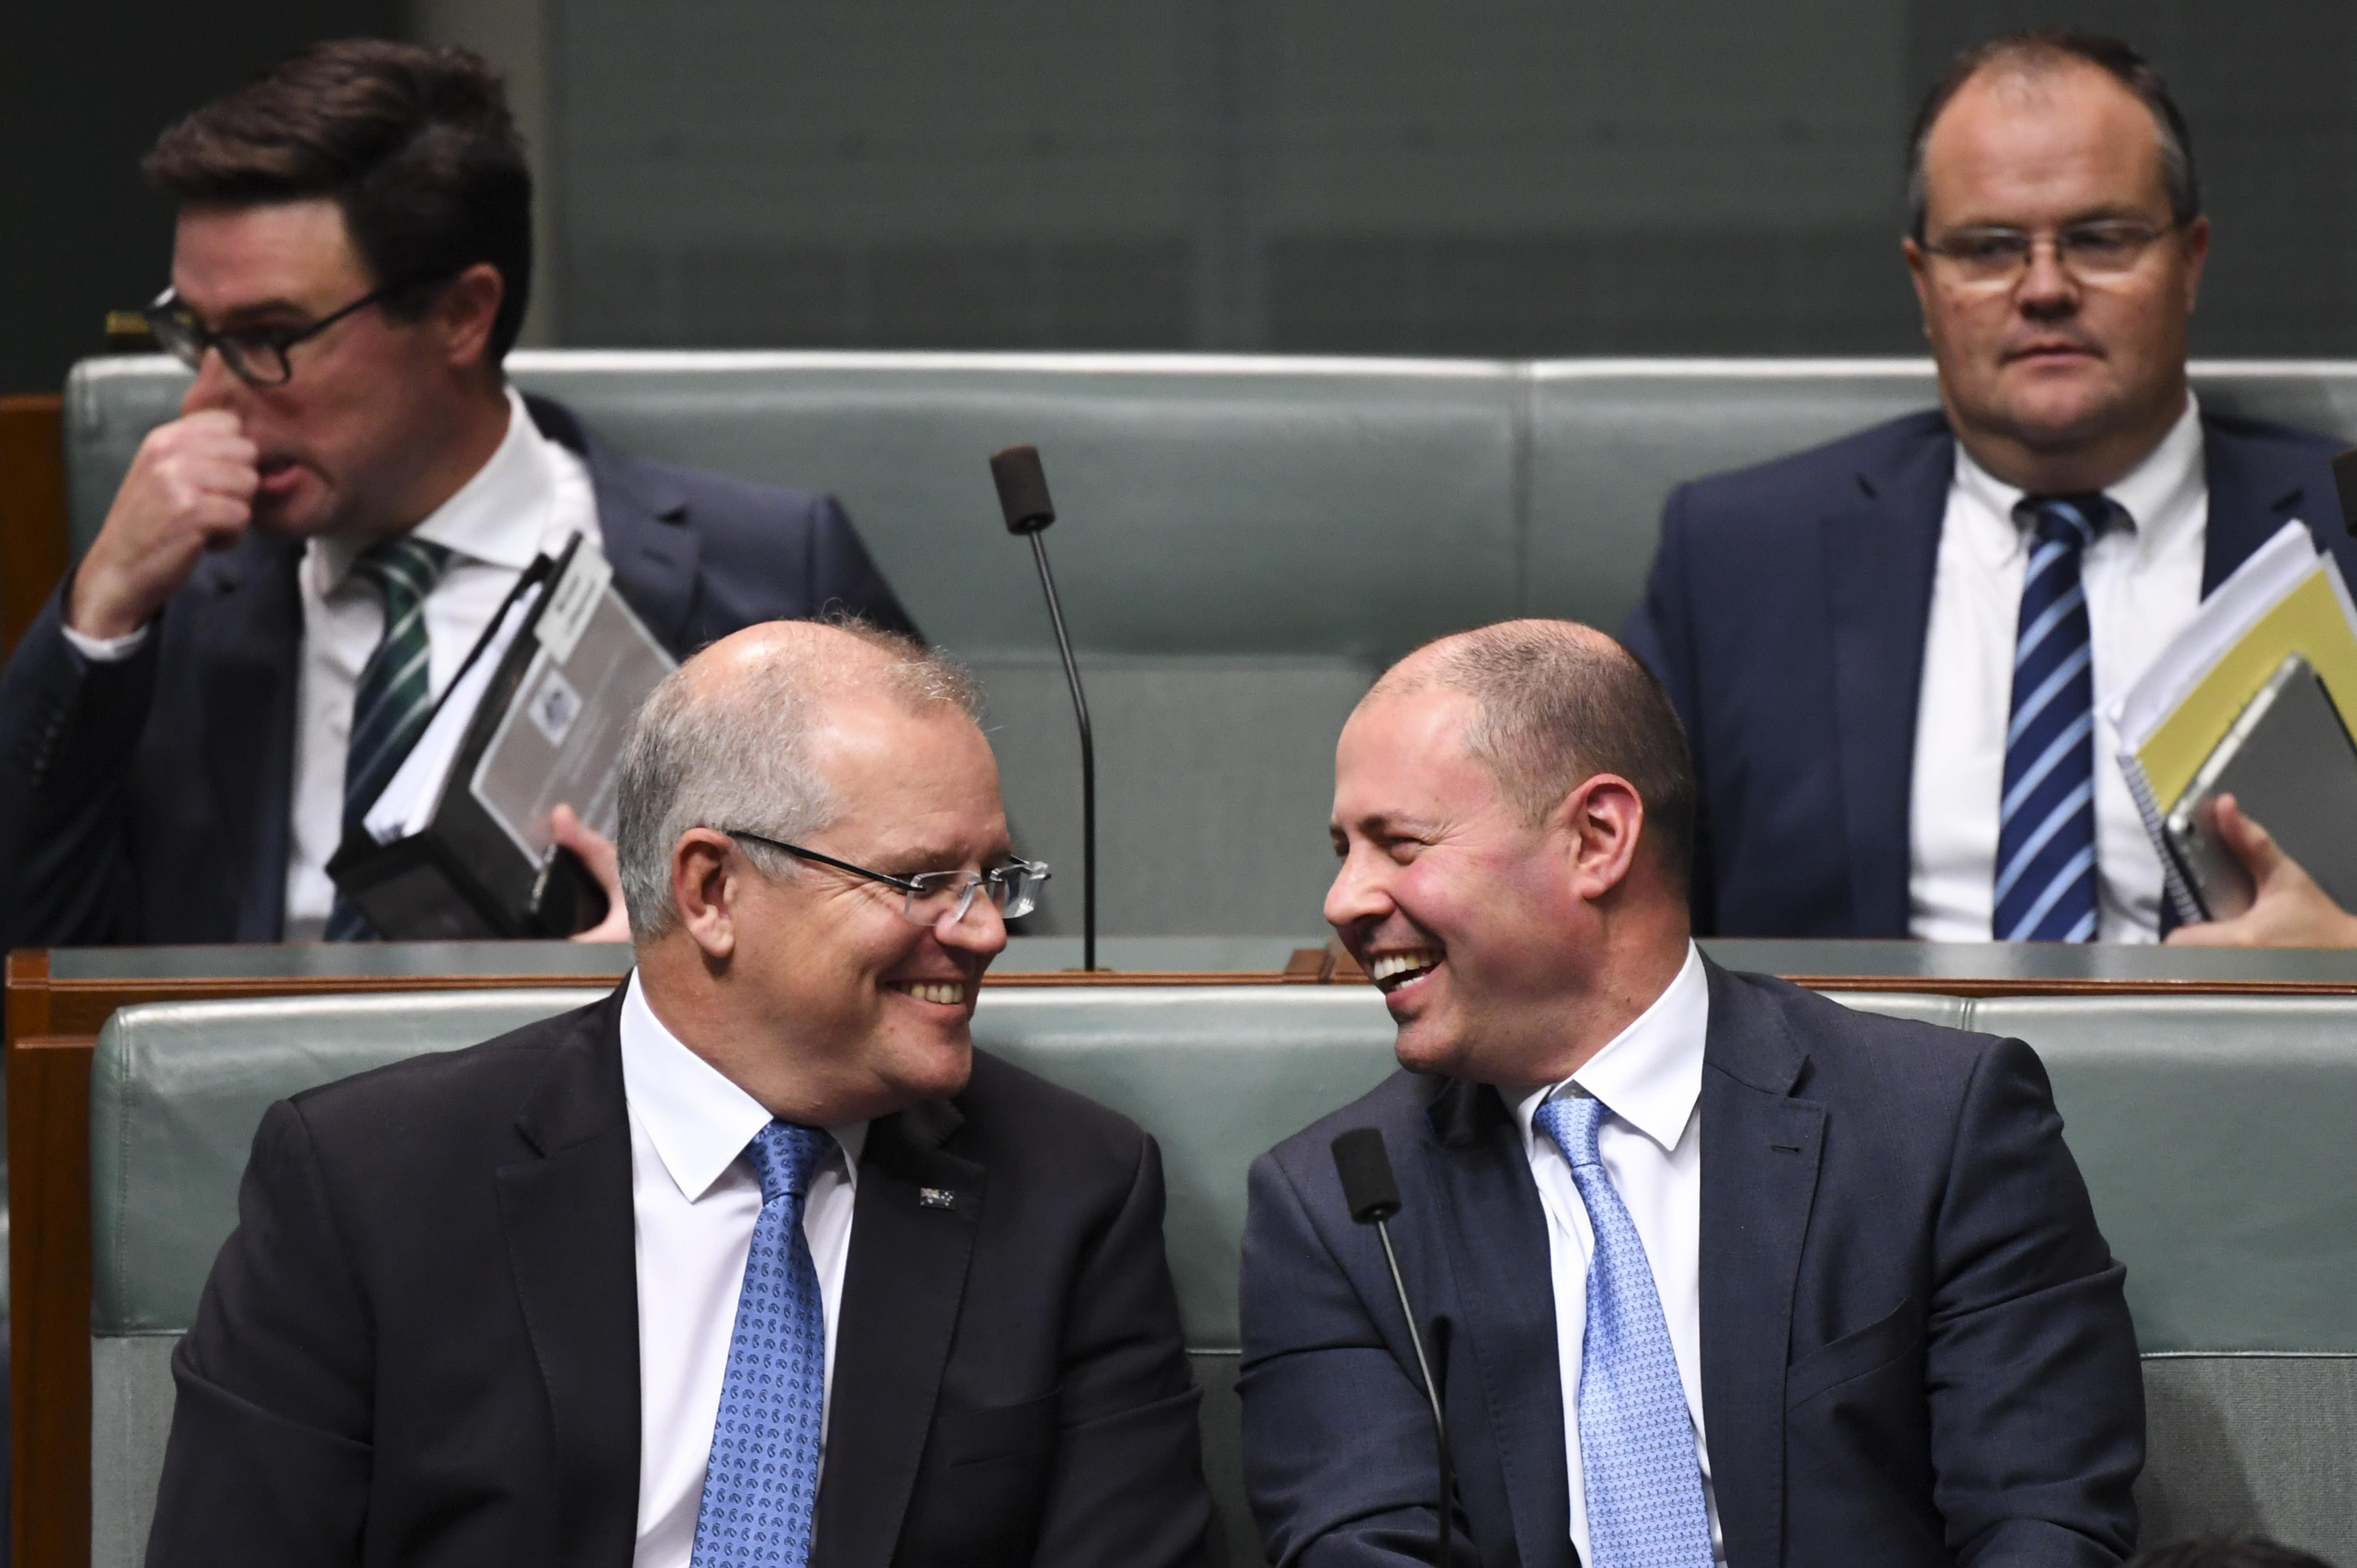 Australia's weak economy has been 'deliberately engineered'